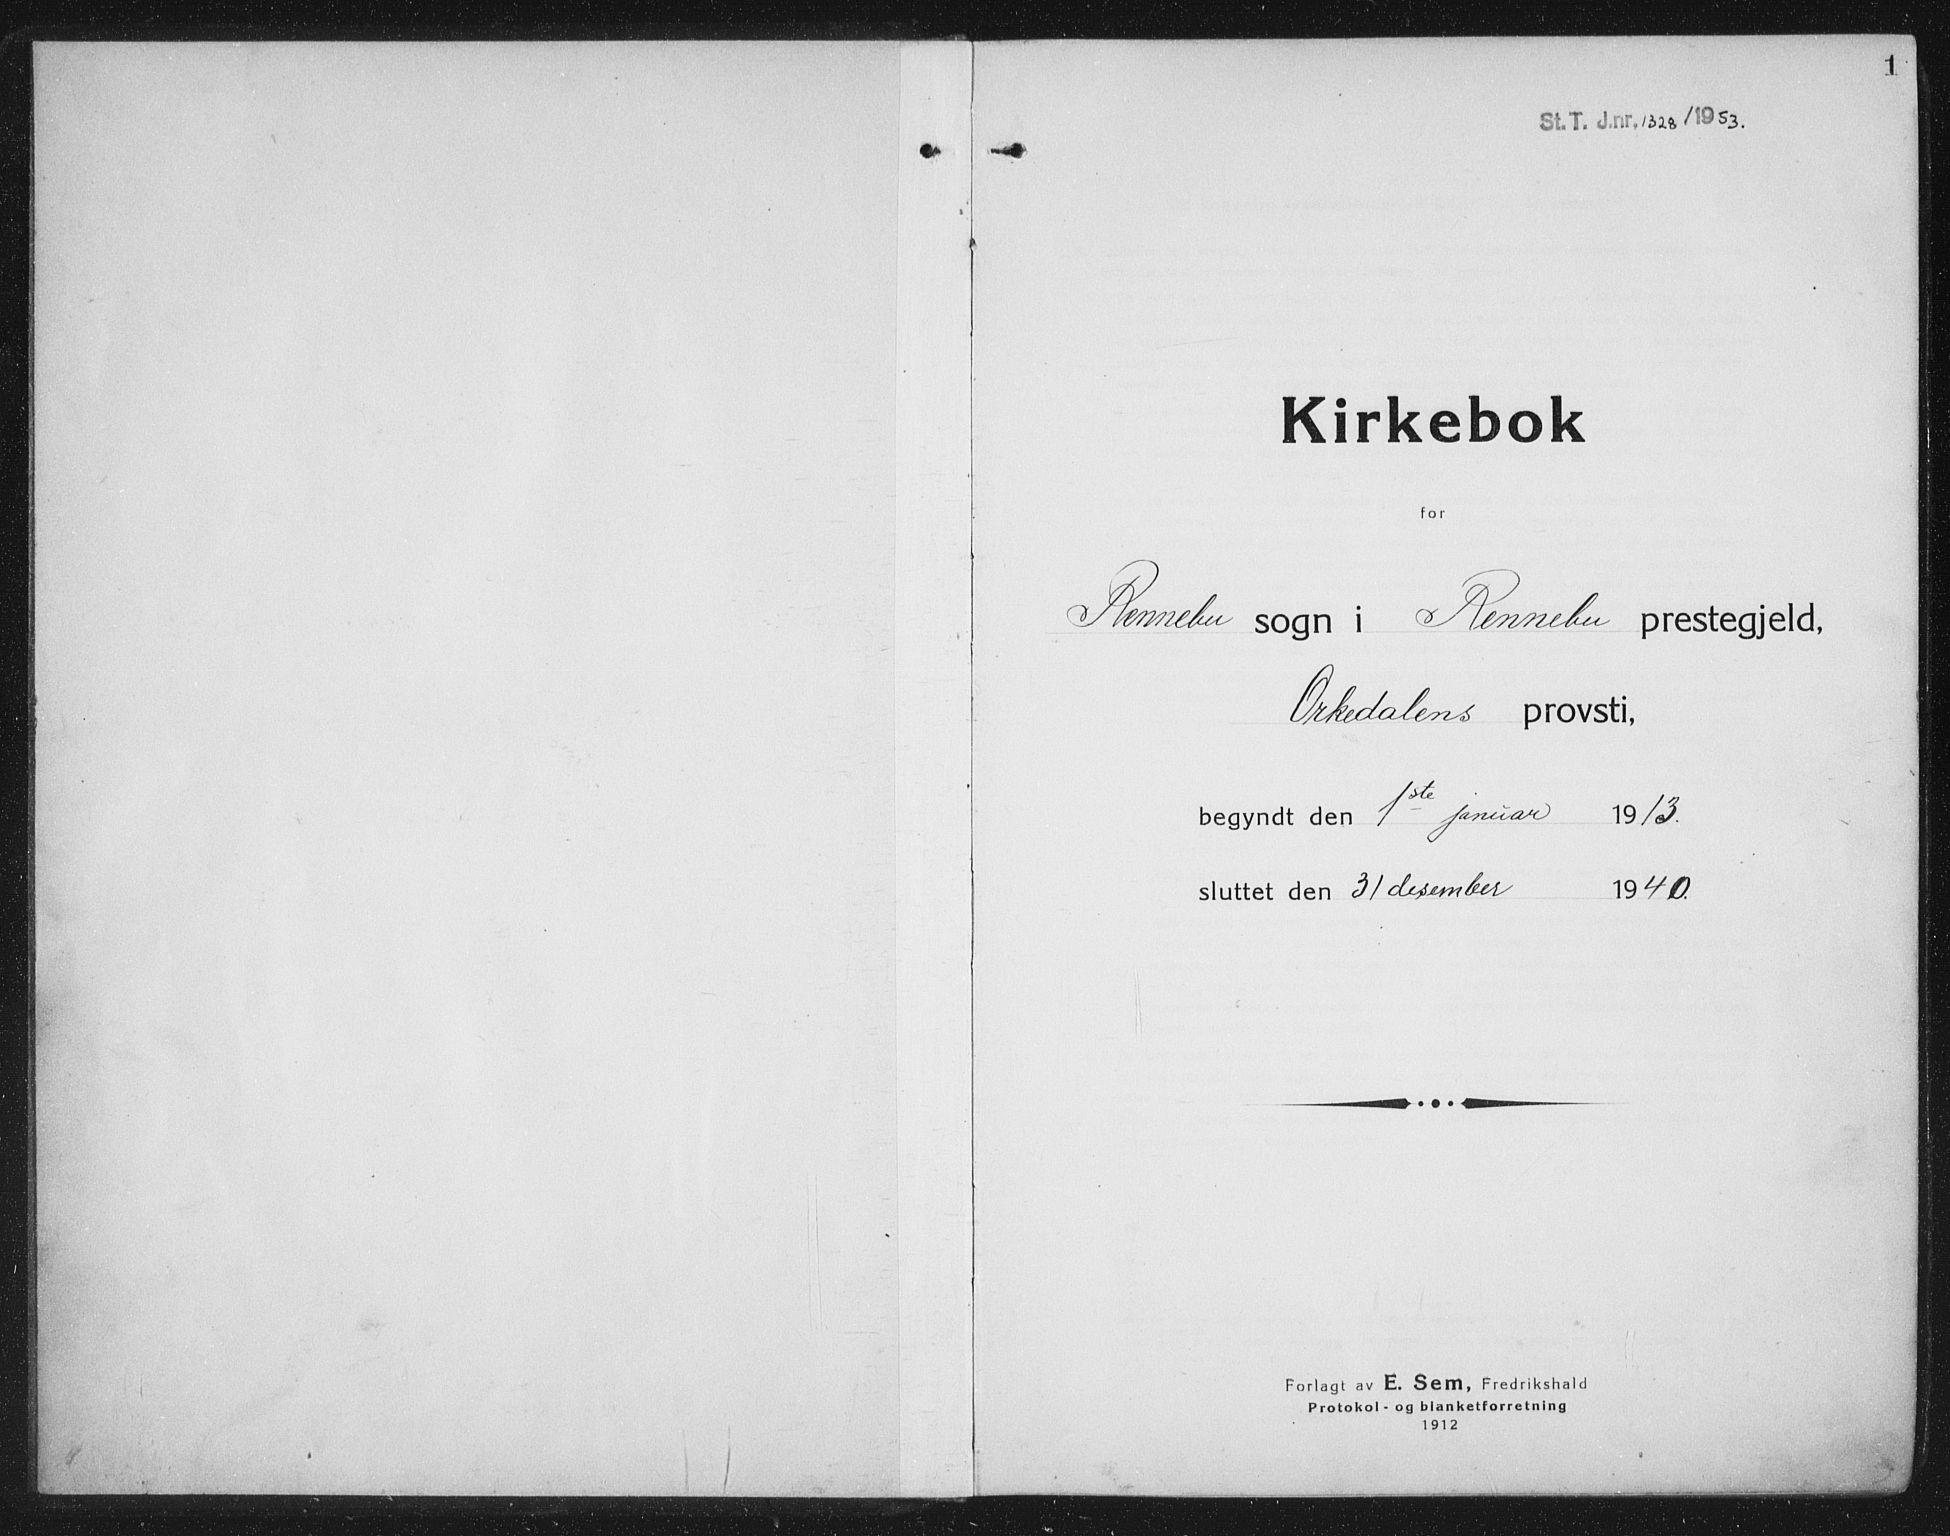 SAT, Ministerialprotokoller, klokkerbøker og fødselsregistre - Sør-Trøndelag, 674/L0877: Klokkerbok nr. 674C04, 1913-1940, s. 1